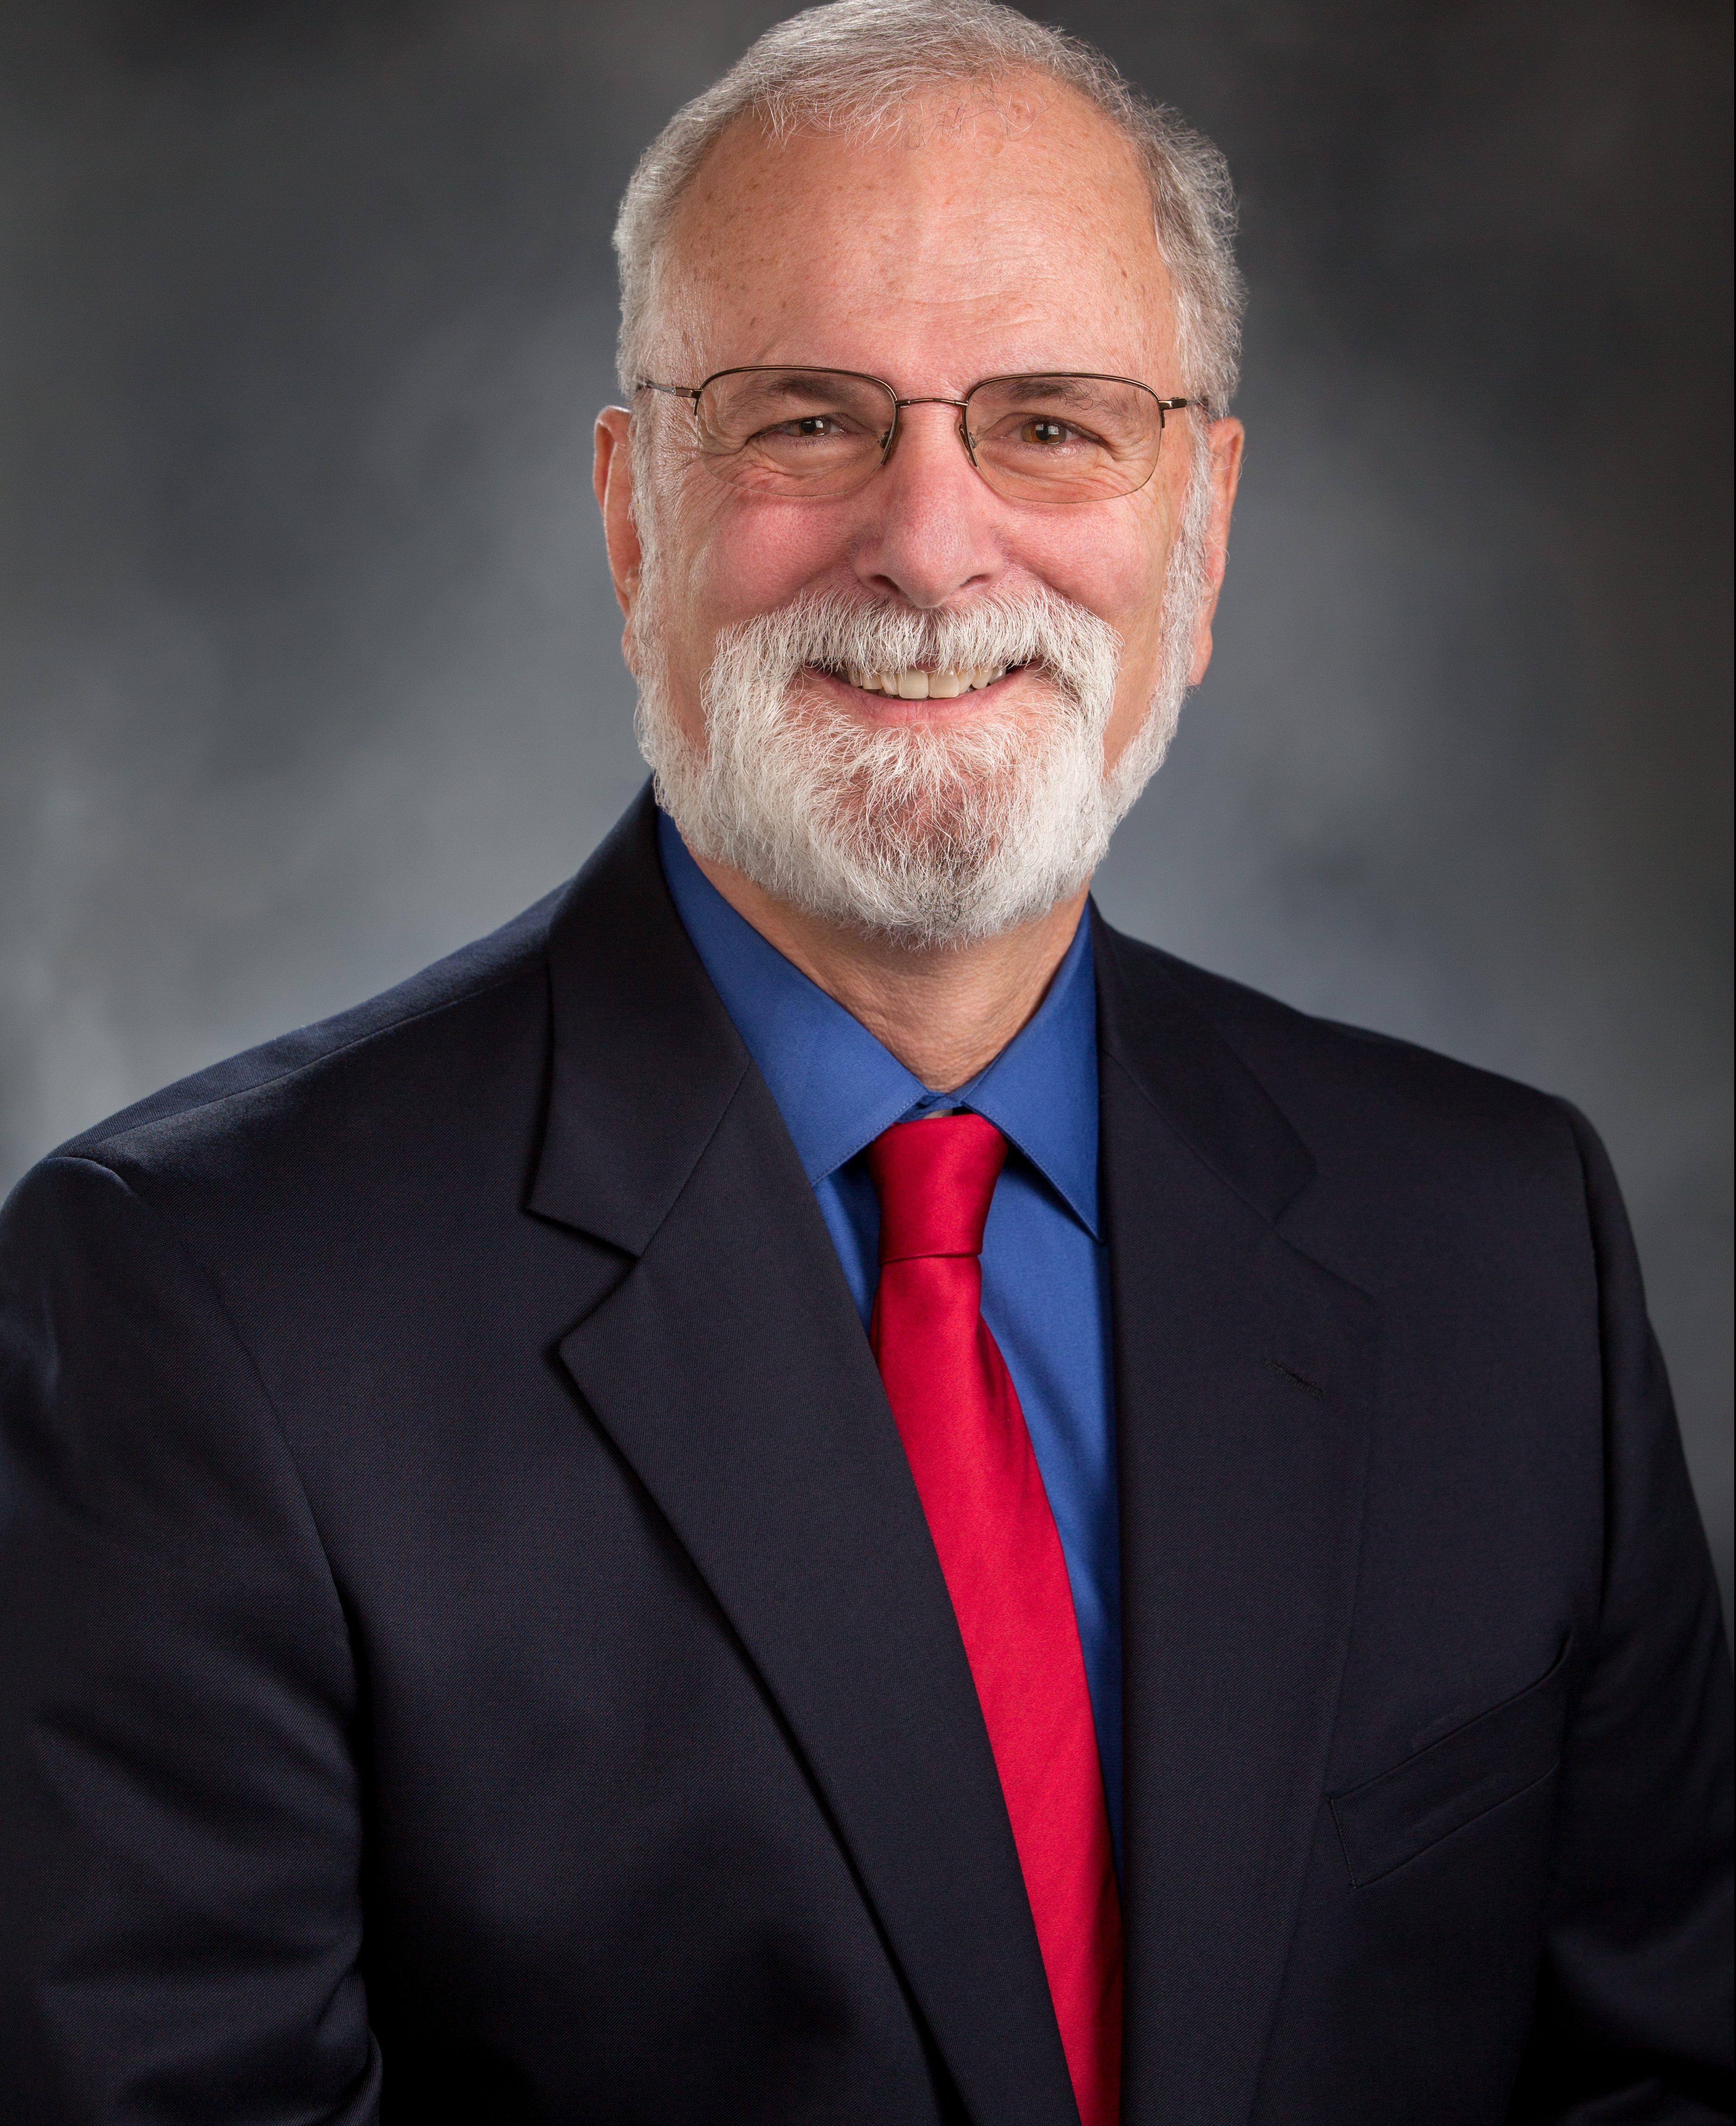 State Senator Phil Fortunato